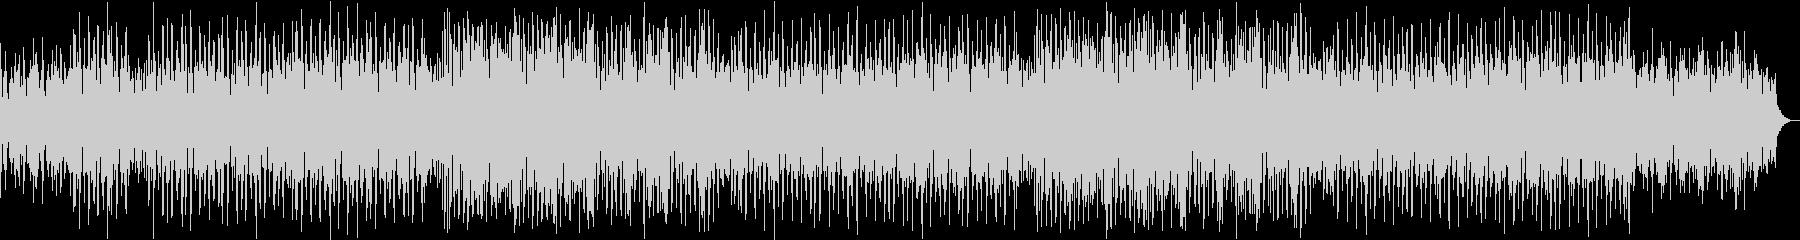 【おしゃれな和風ロック】琴と三味線の未再生の波形